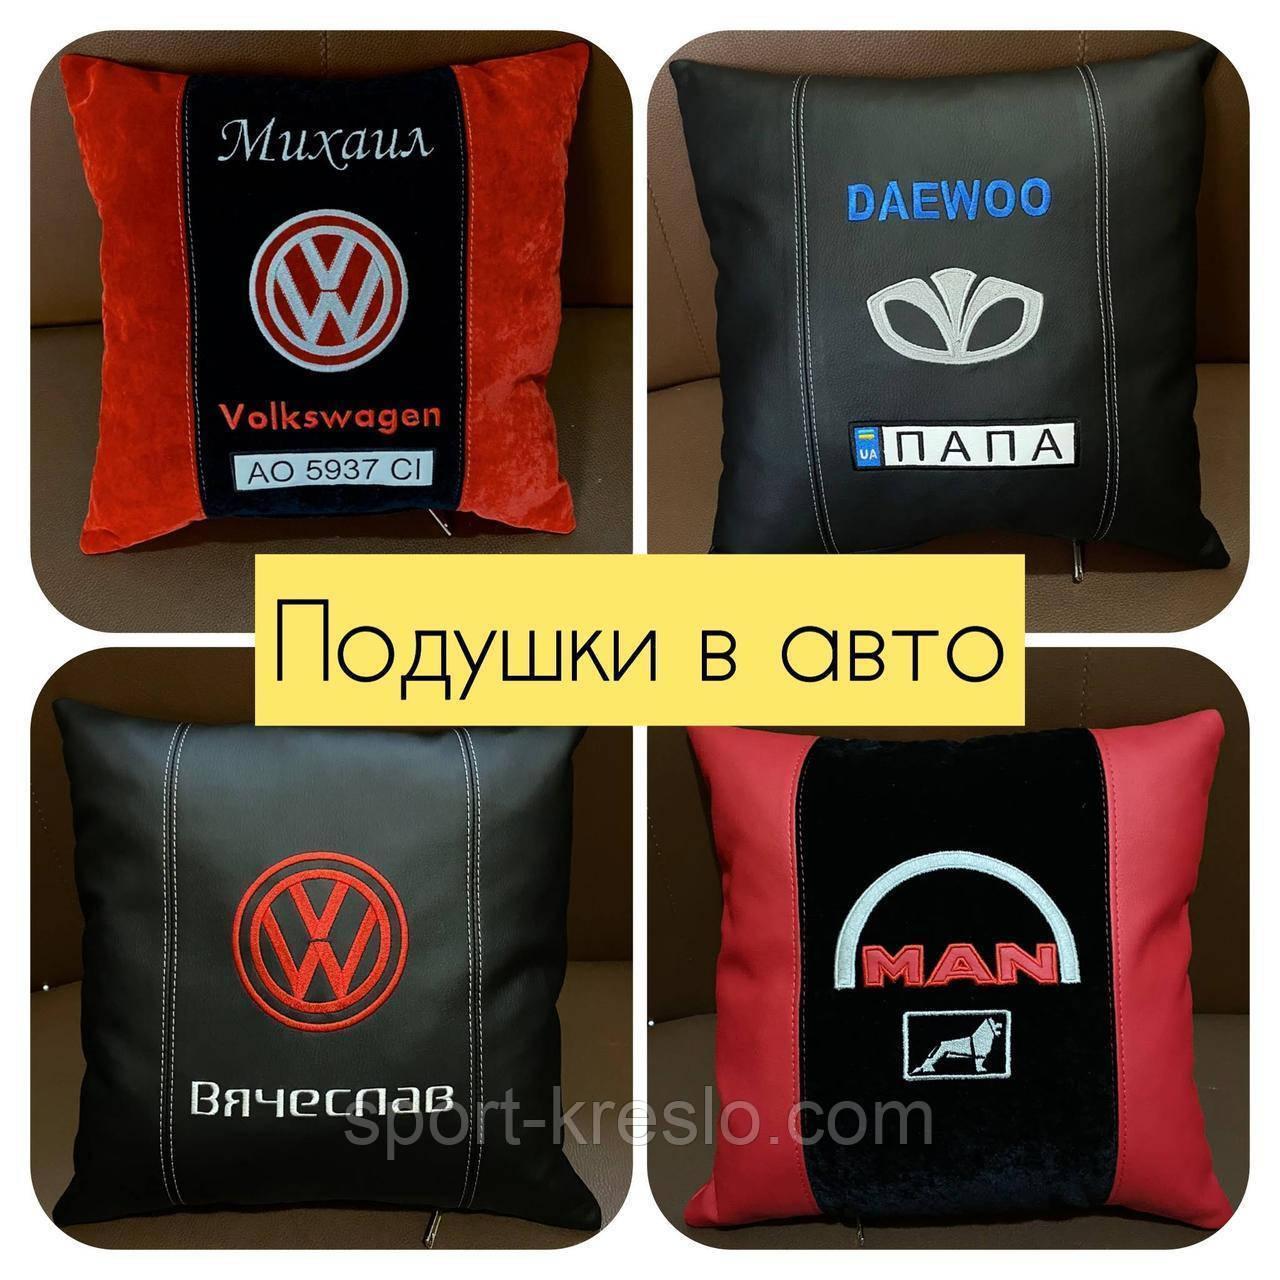 Подушки сувенирные с логотипом, госномером, подушки-подголовники, автосувениры